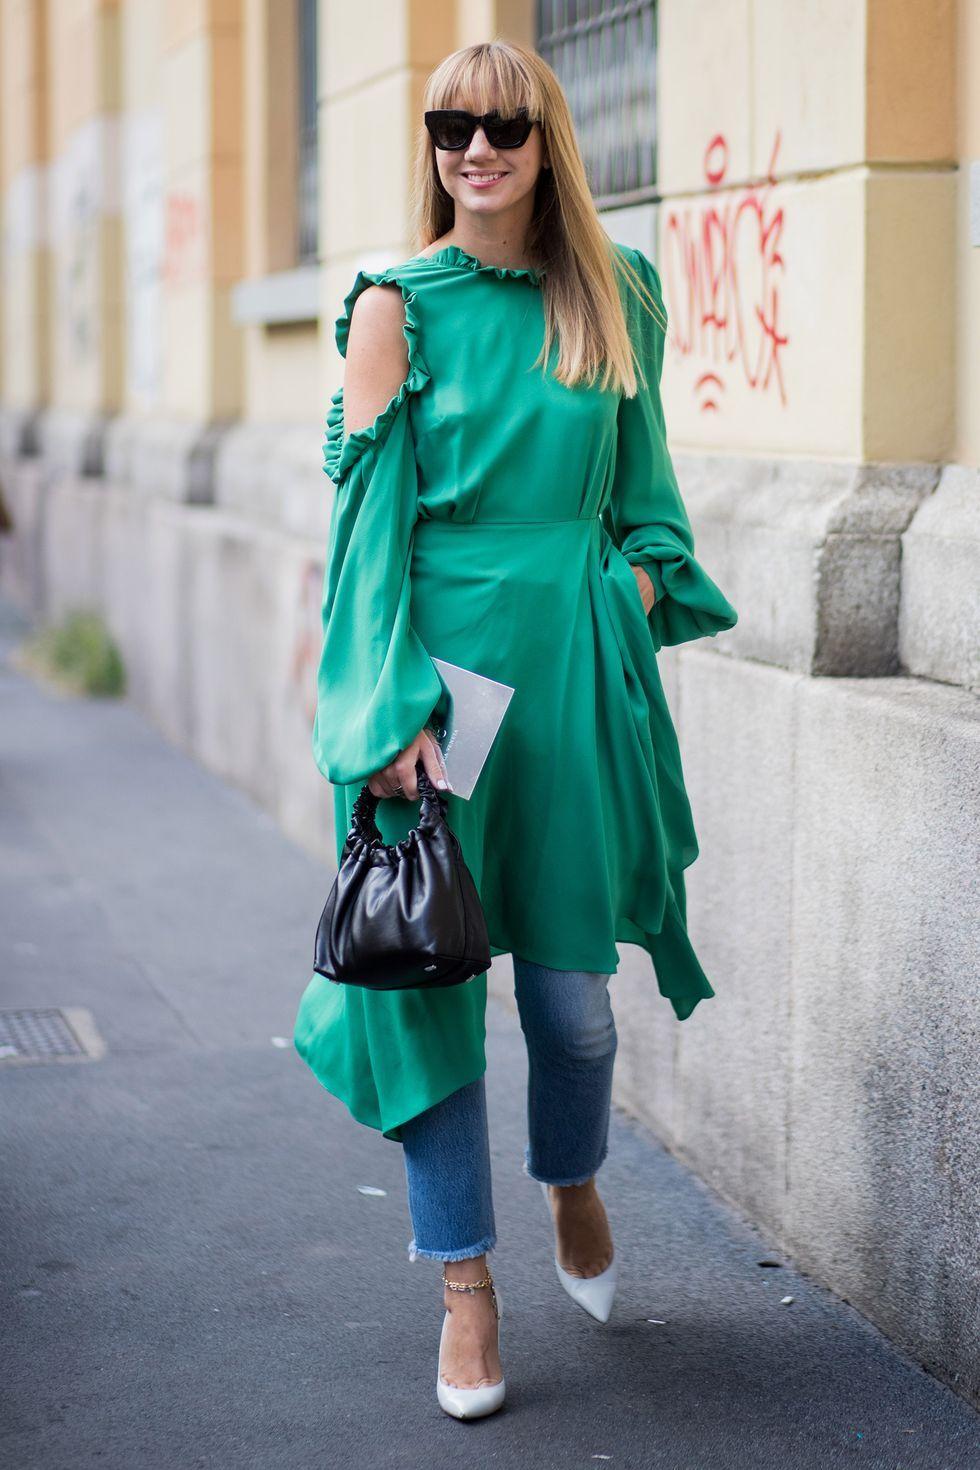 Trik Padu-padan Baju Lama dan Celana Jeans untuk Outfit Lebaran